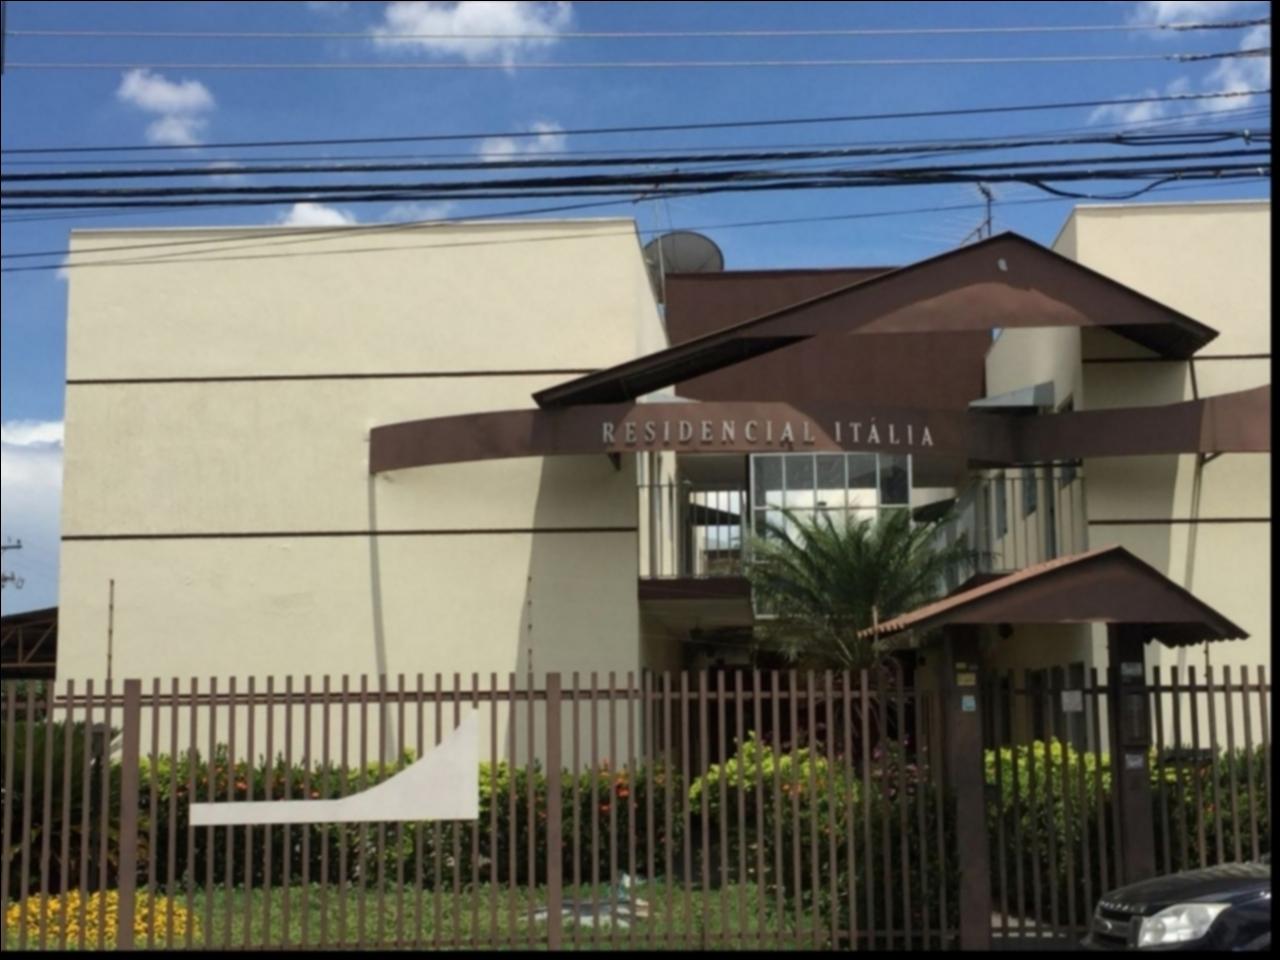 Kitnet  com 1 quarto no Jd. Itália, Cuiabá  - MT